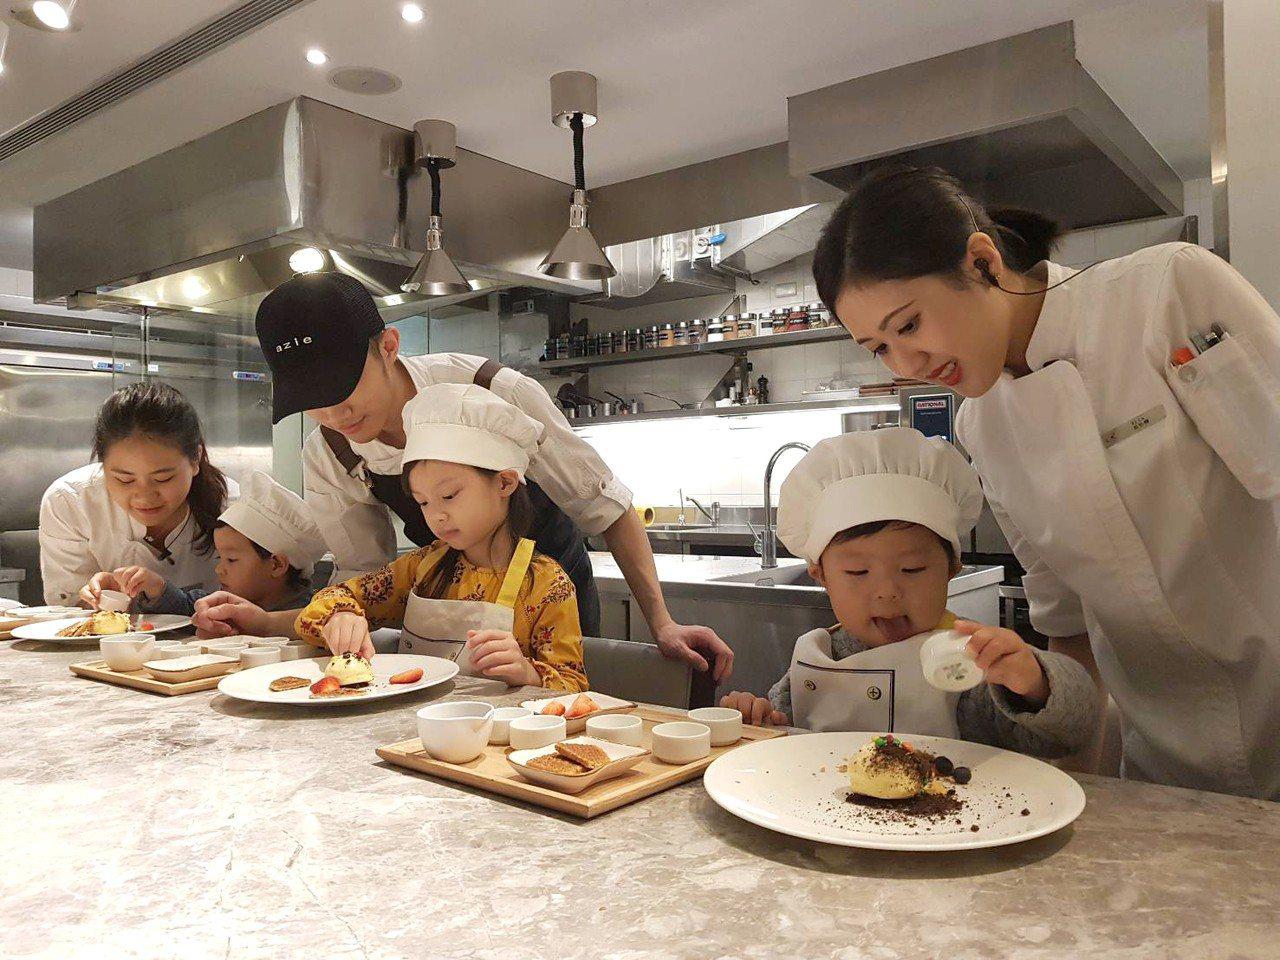 「小廚師就是我」的美食實境體驗營,讓小朋友可以實際製作餐點。記者陳睿中/攝影